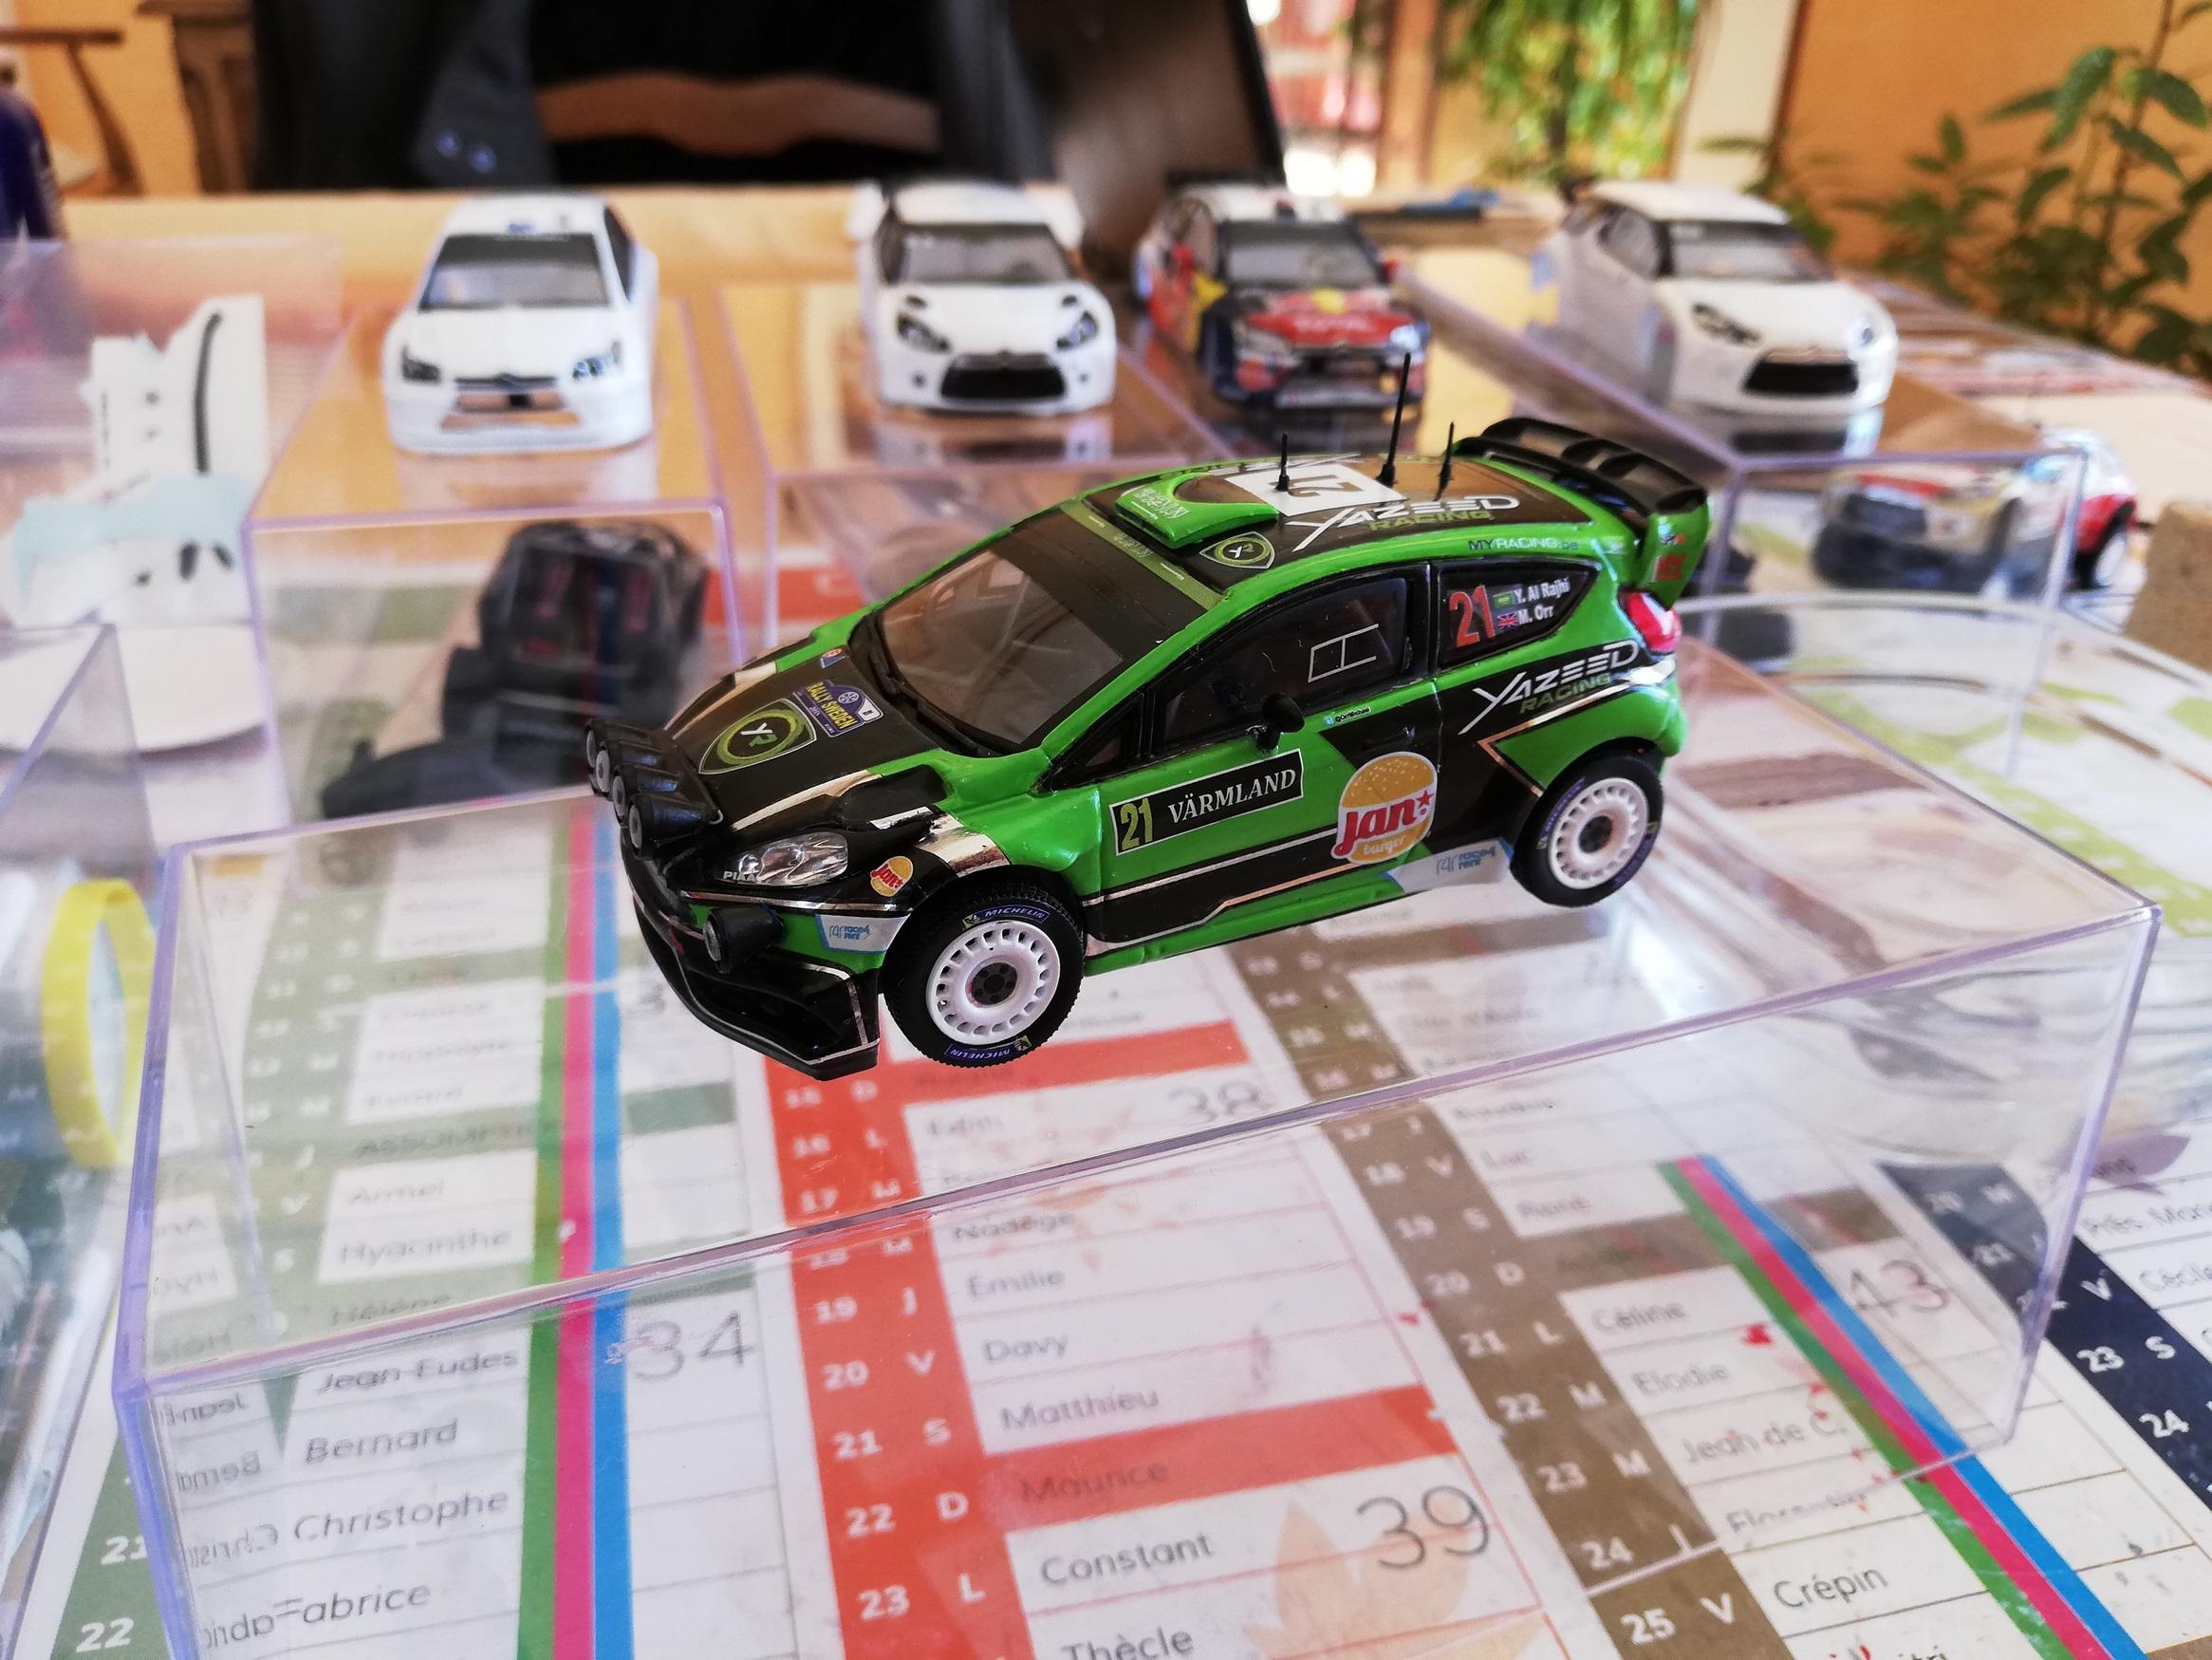 Fiesta WRC Al Rahji 2018.jpg